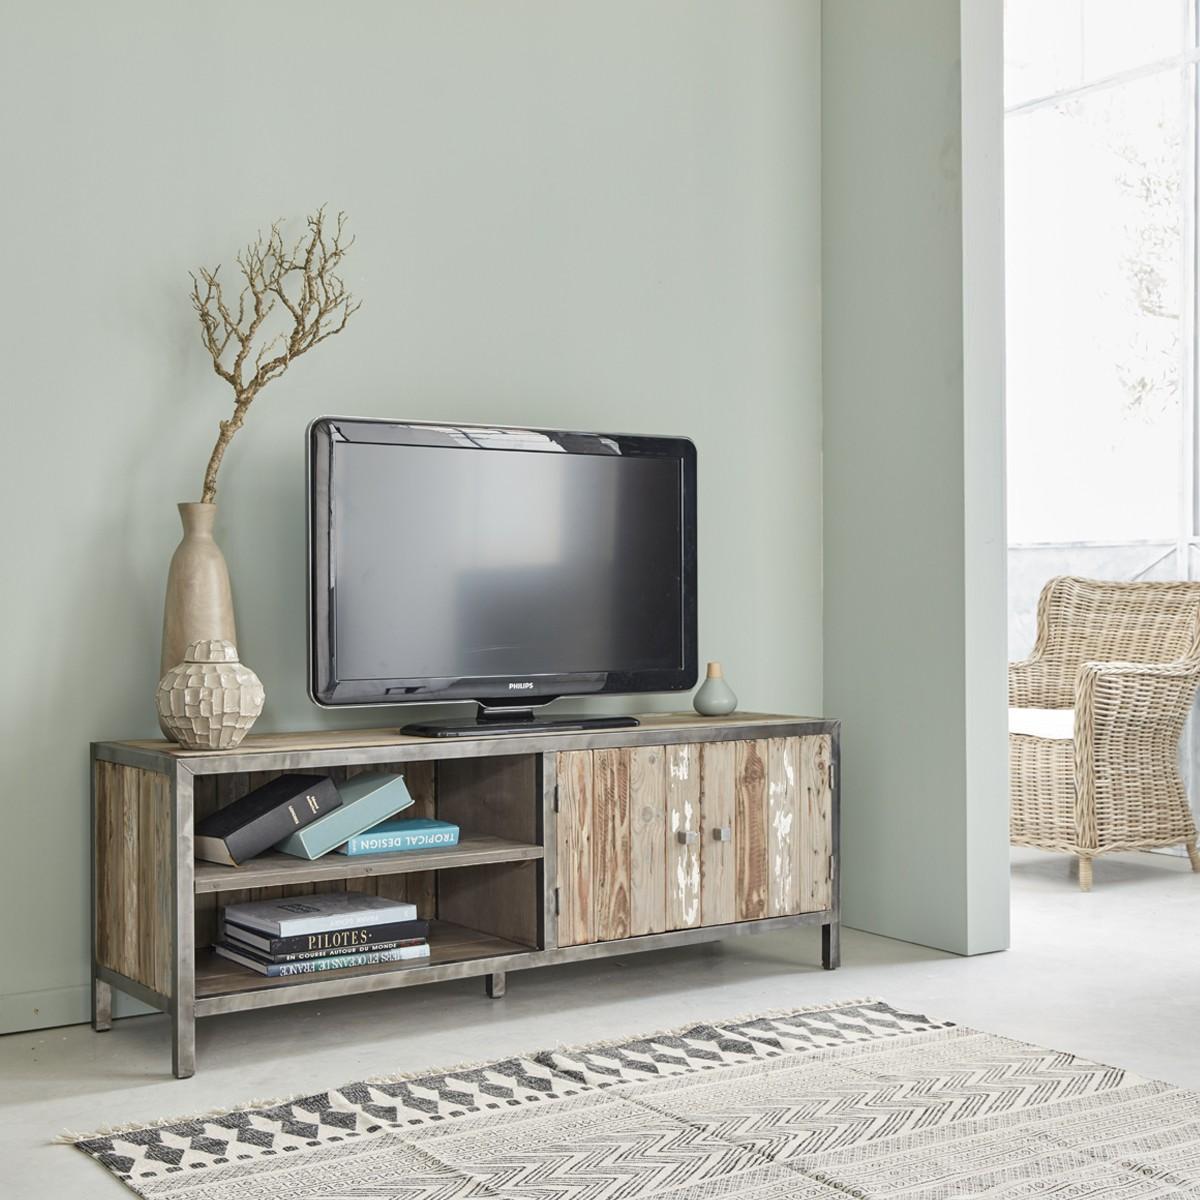 meuble tv en bois de pin recycle et metal 150 indus